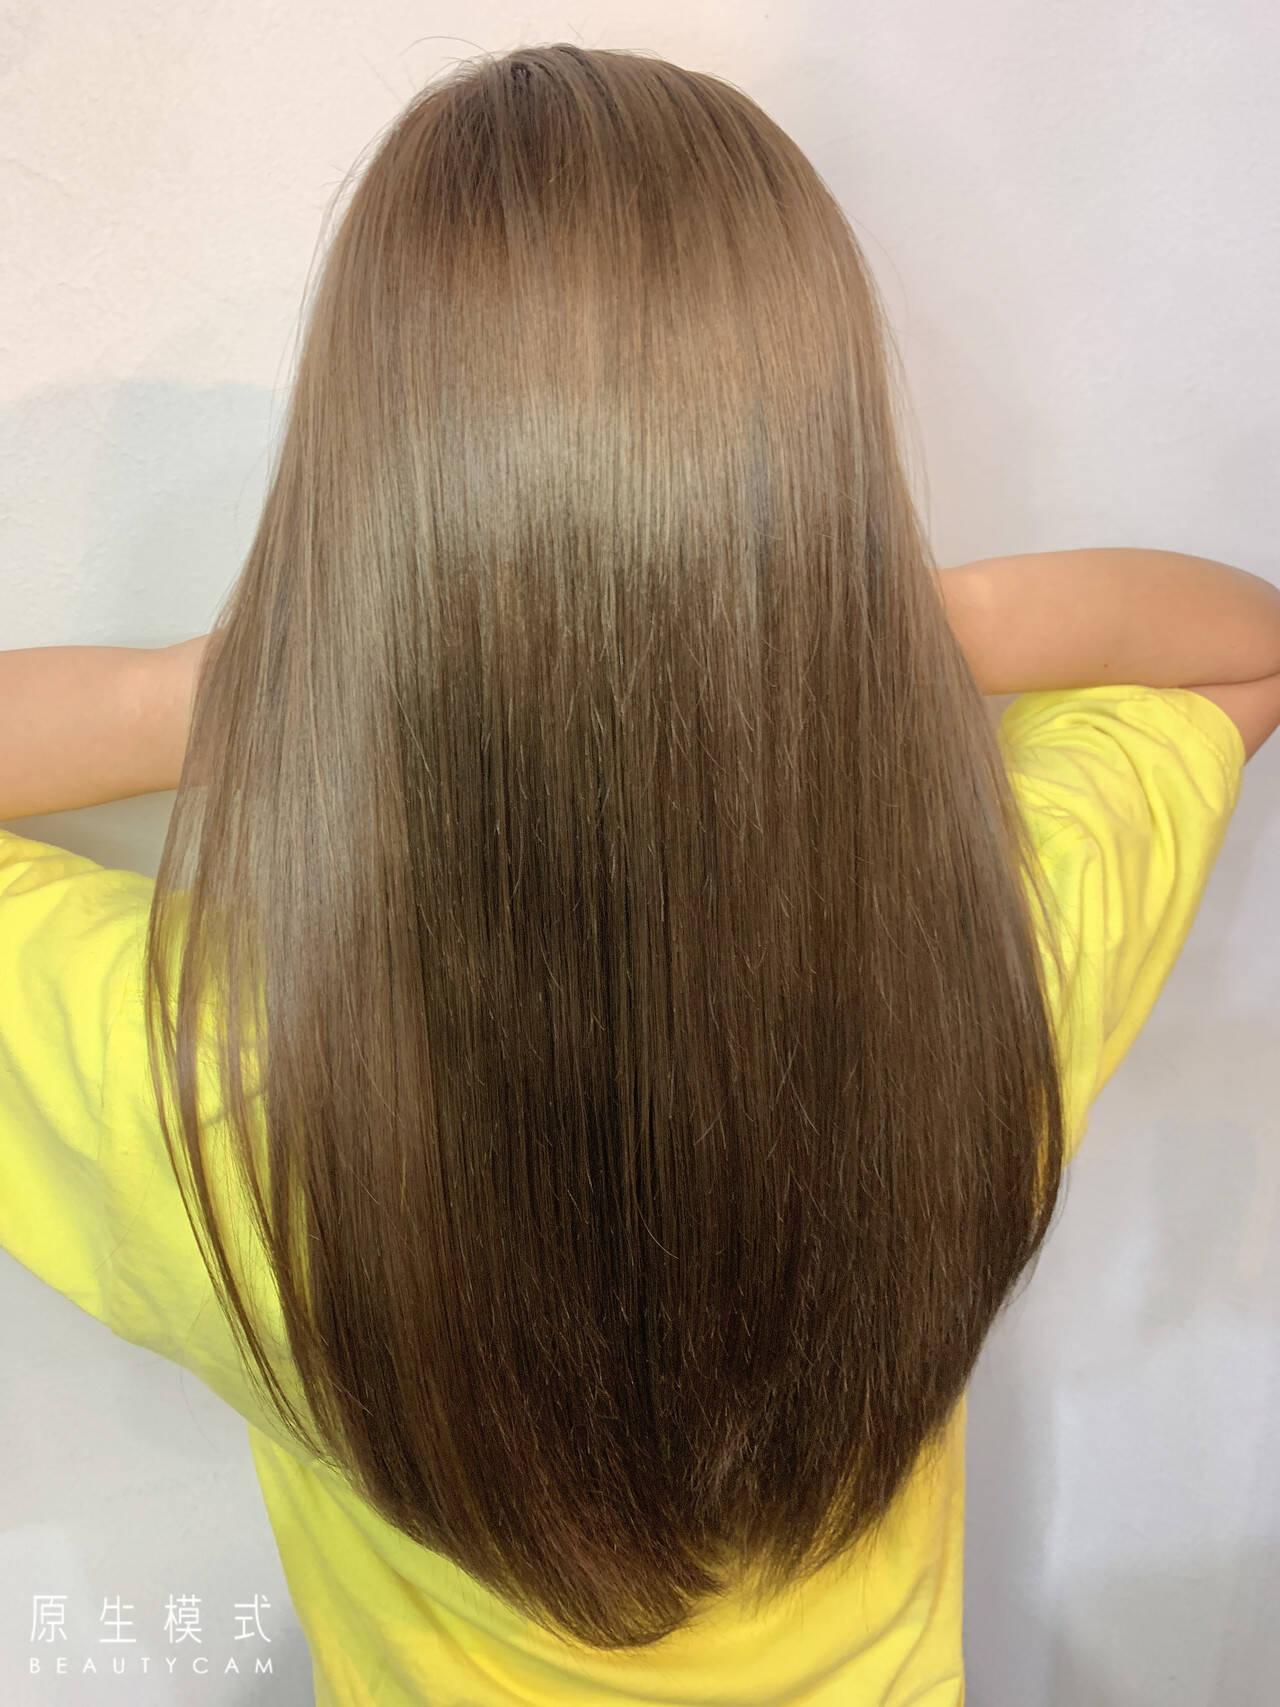 ナチュラル フォギーアッシュ フォギー セミロングヘアスタイルや髪型の写真・画像